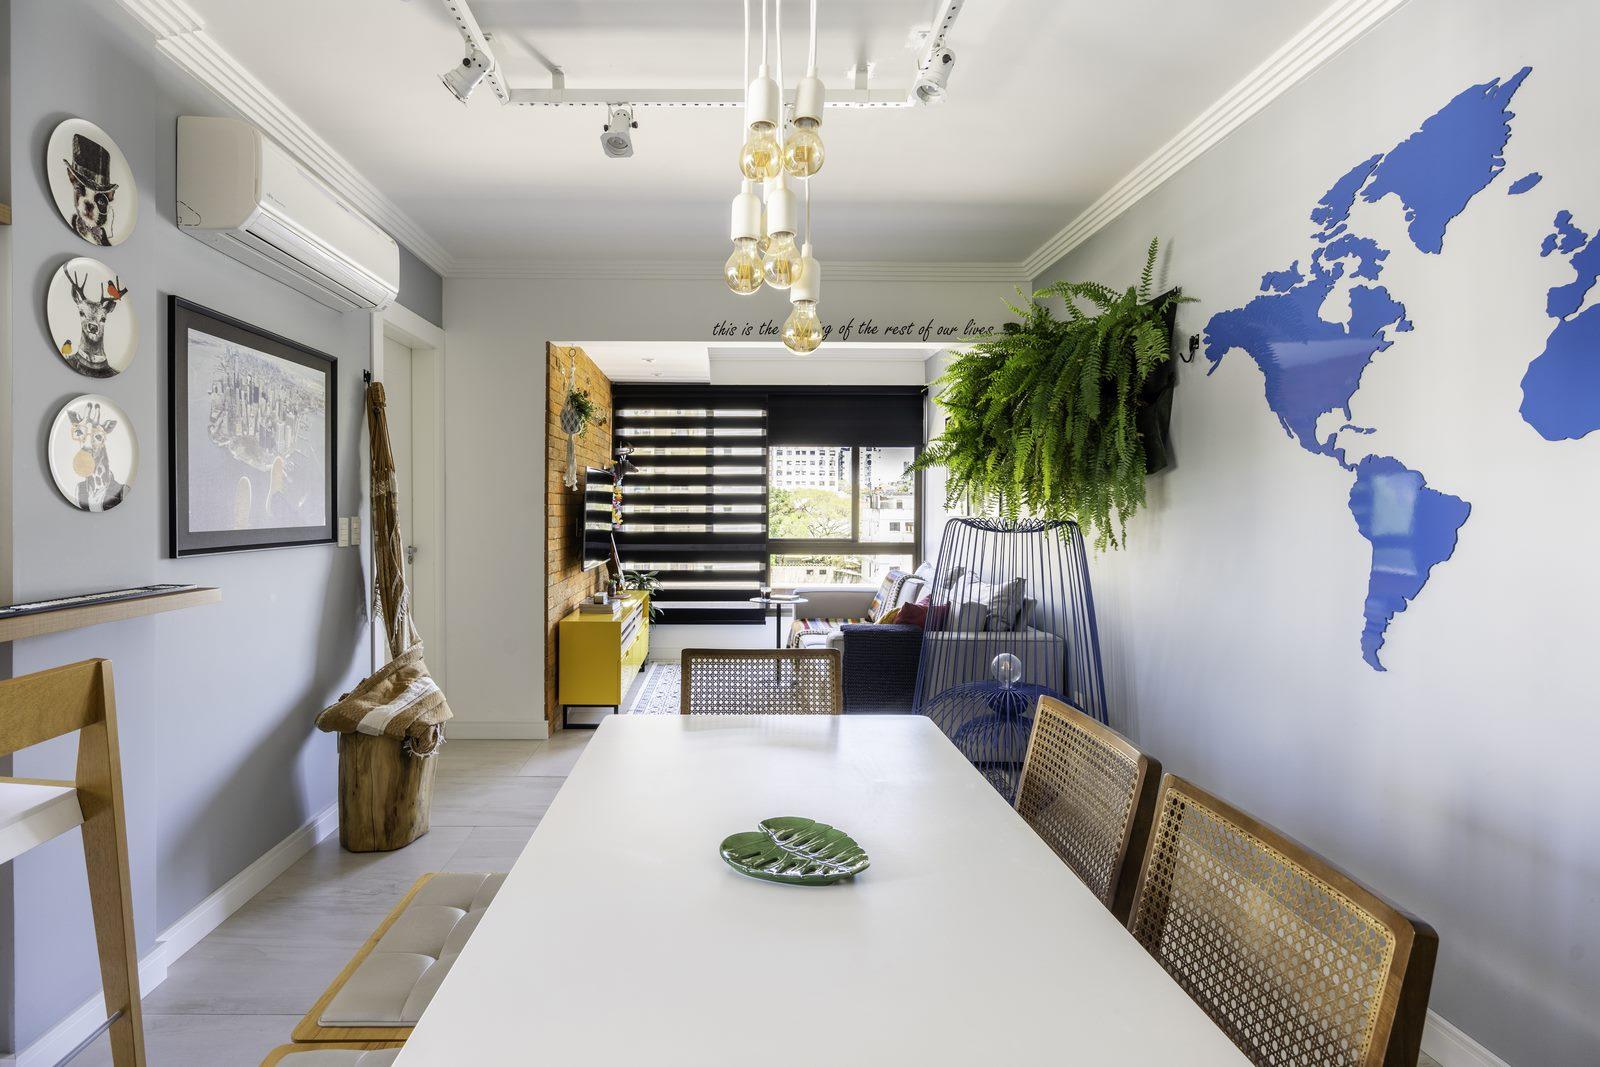 Una casa de playa en un departamento de ciudad por W4 Arquitetura 31